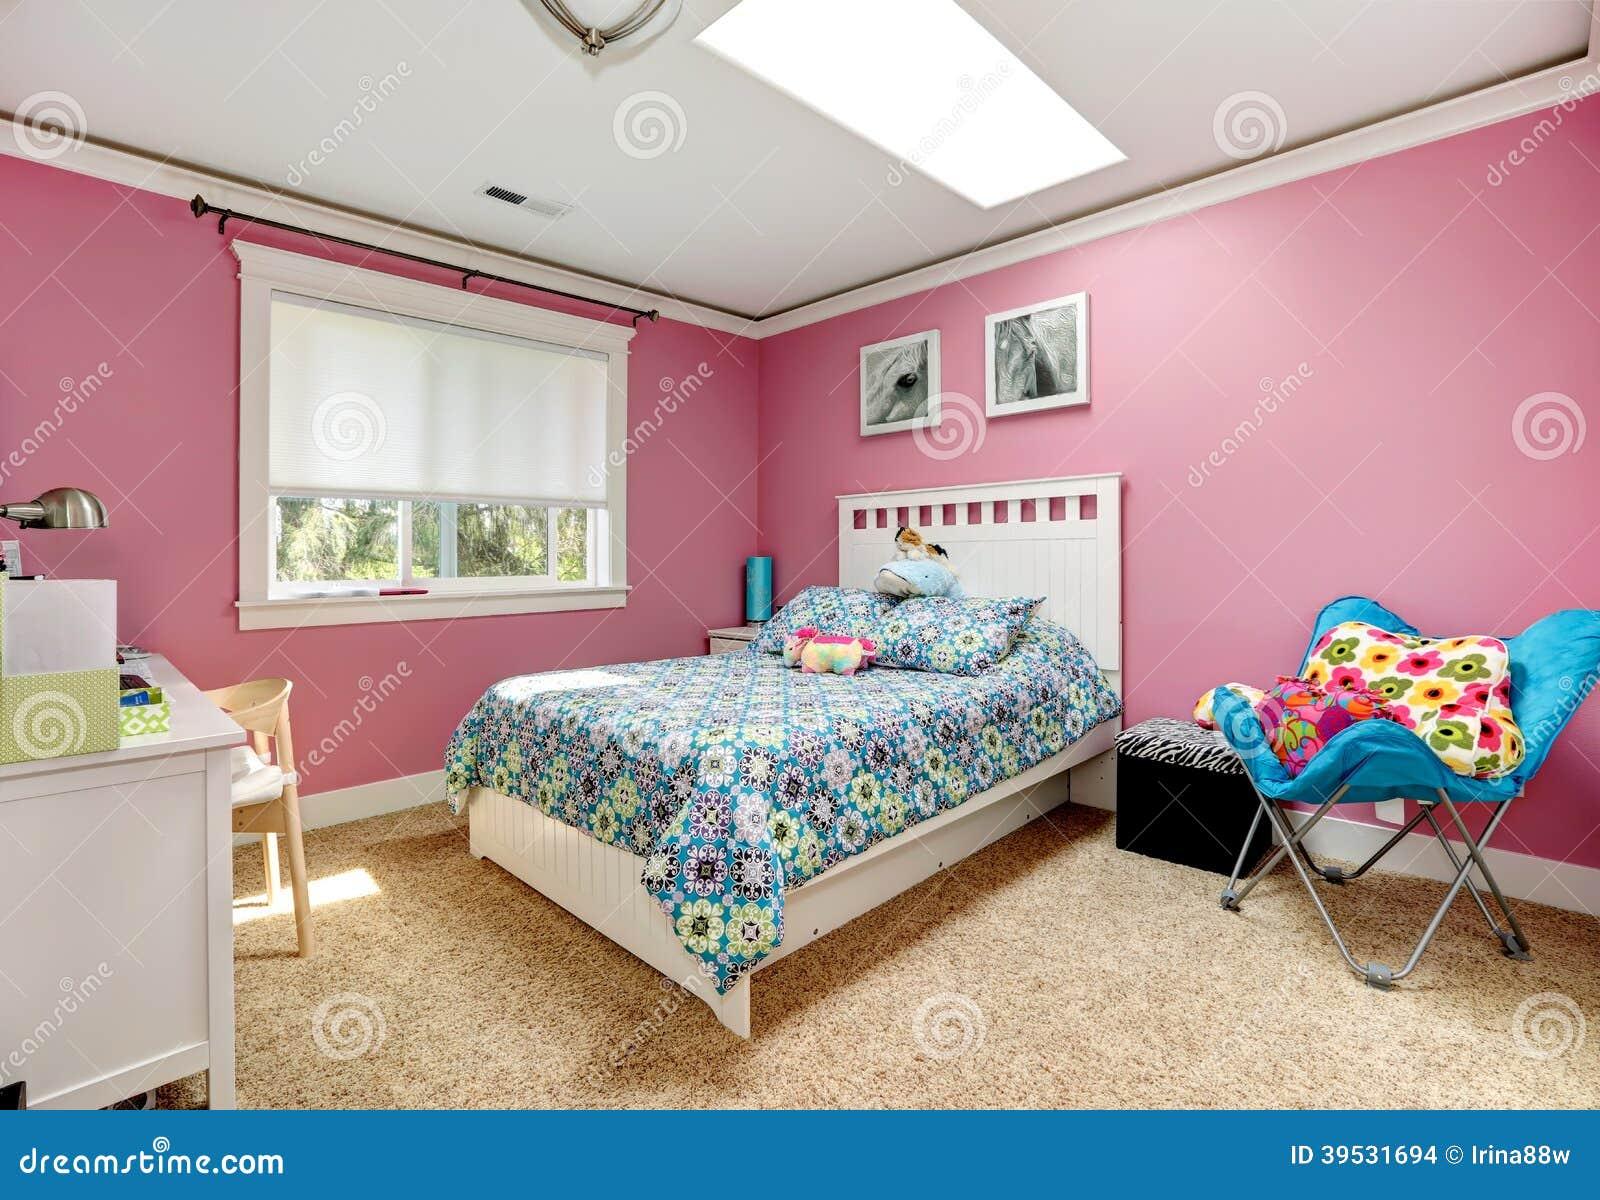 Piękna Różowa Sypialnia Dla Dziewczyn Zdjęcie Stock ...